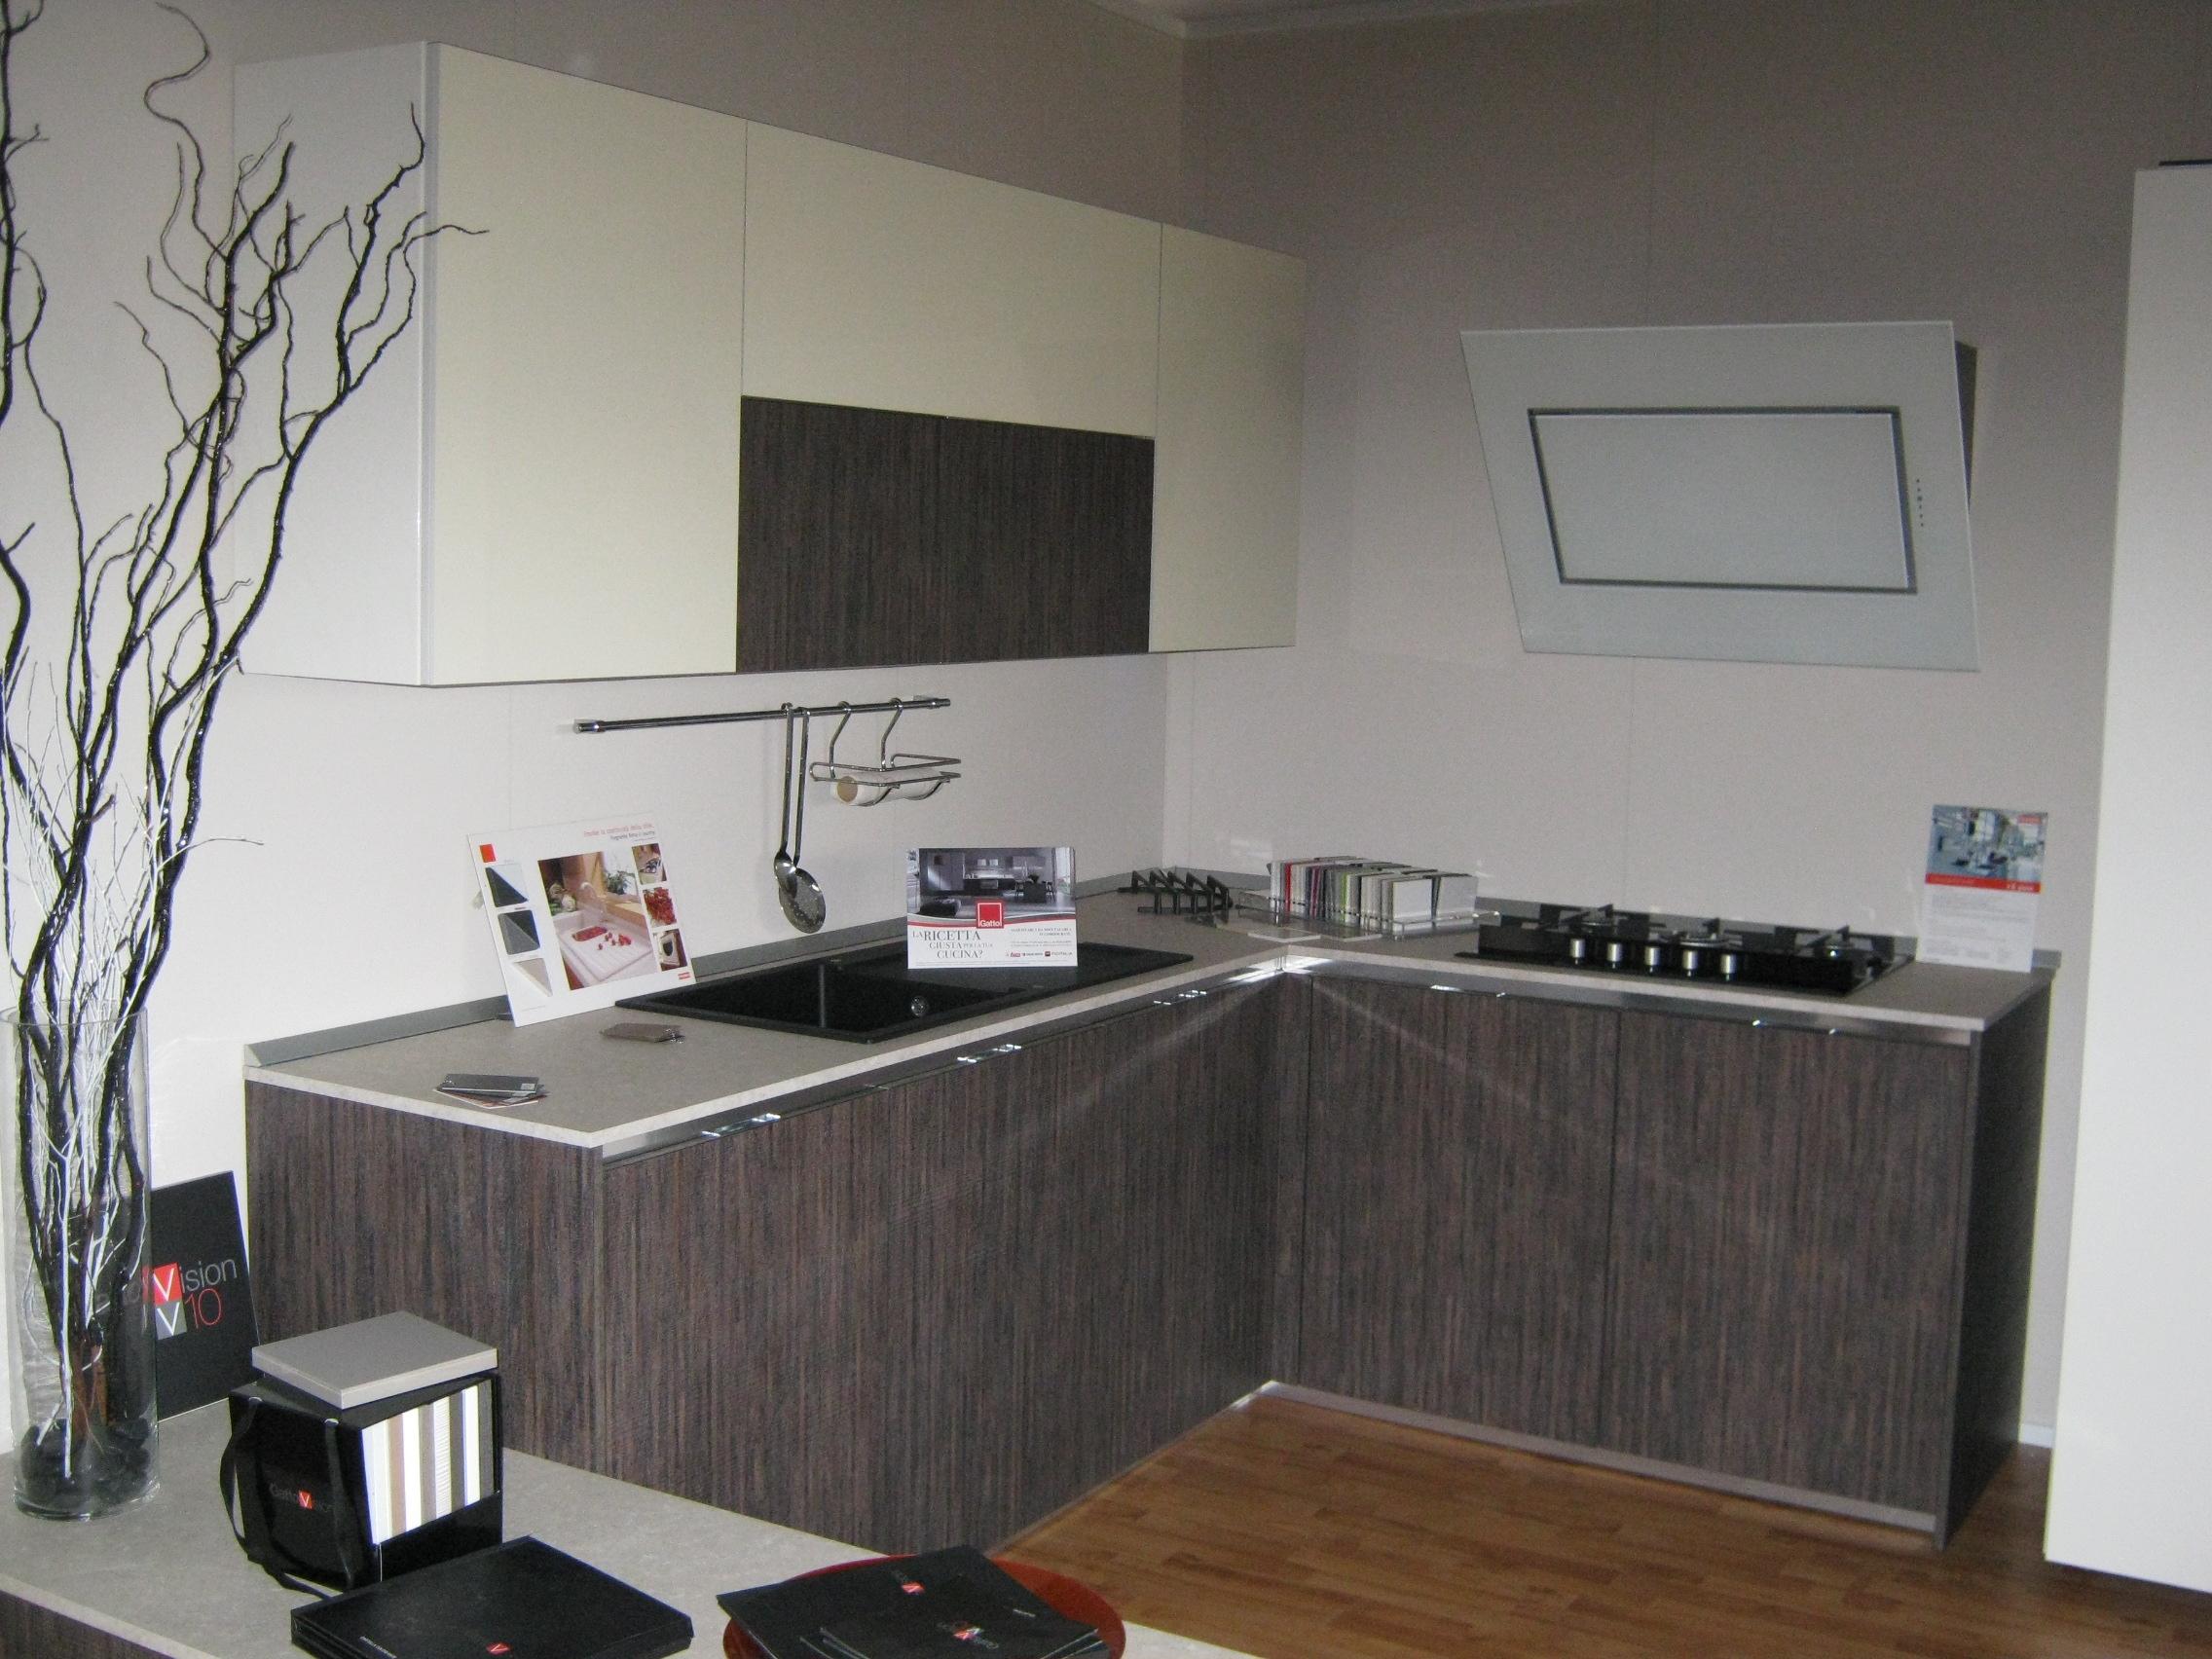 Stunning cucina gatto prezzi images home interior ideas - Cucine gatto catalogo prezzi ...